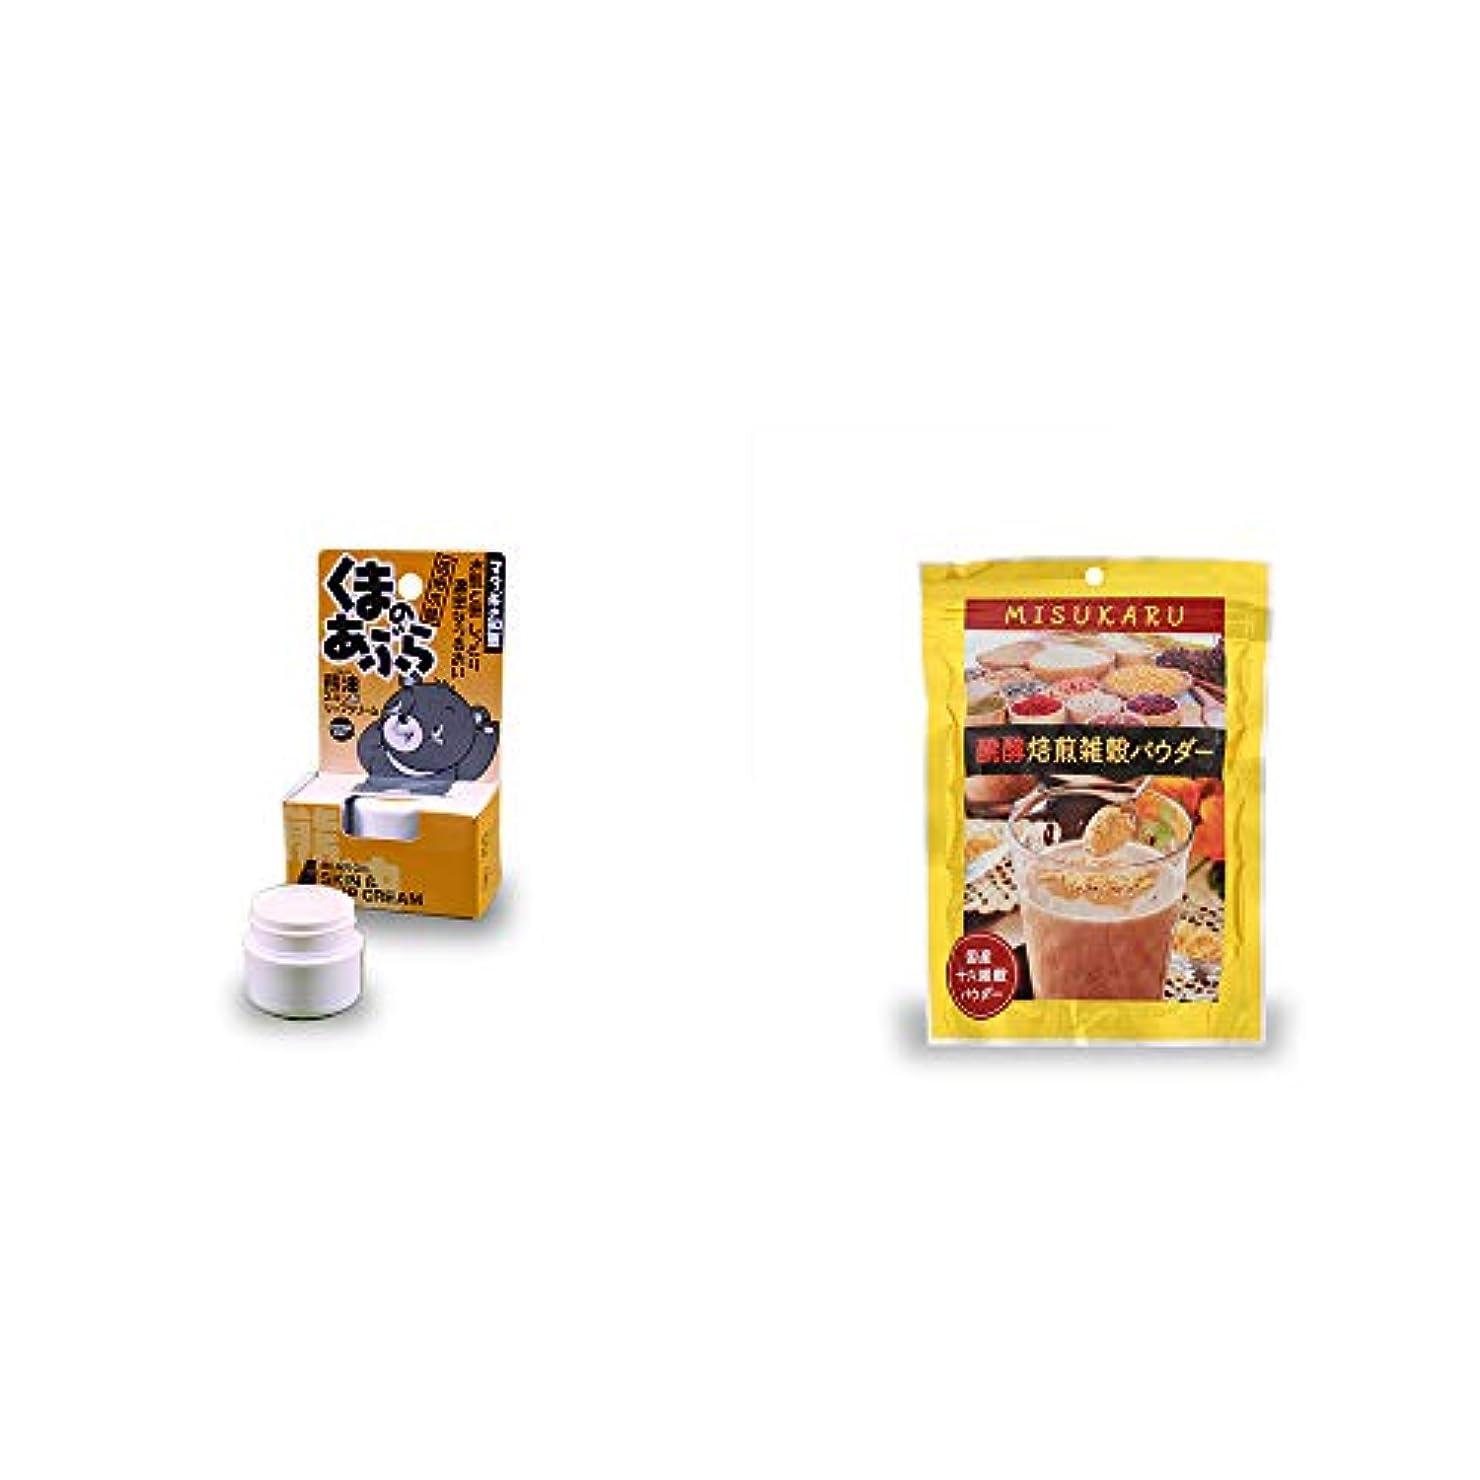 苦情文句高さ読みやすさ[2点セット] 信州木曽 くまのあぶら 熊油スキン&リップクリーム(9g)?醗酵焙煎雑穀パウダー MISUKARU(ミスカル)(200g)